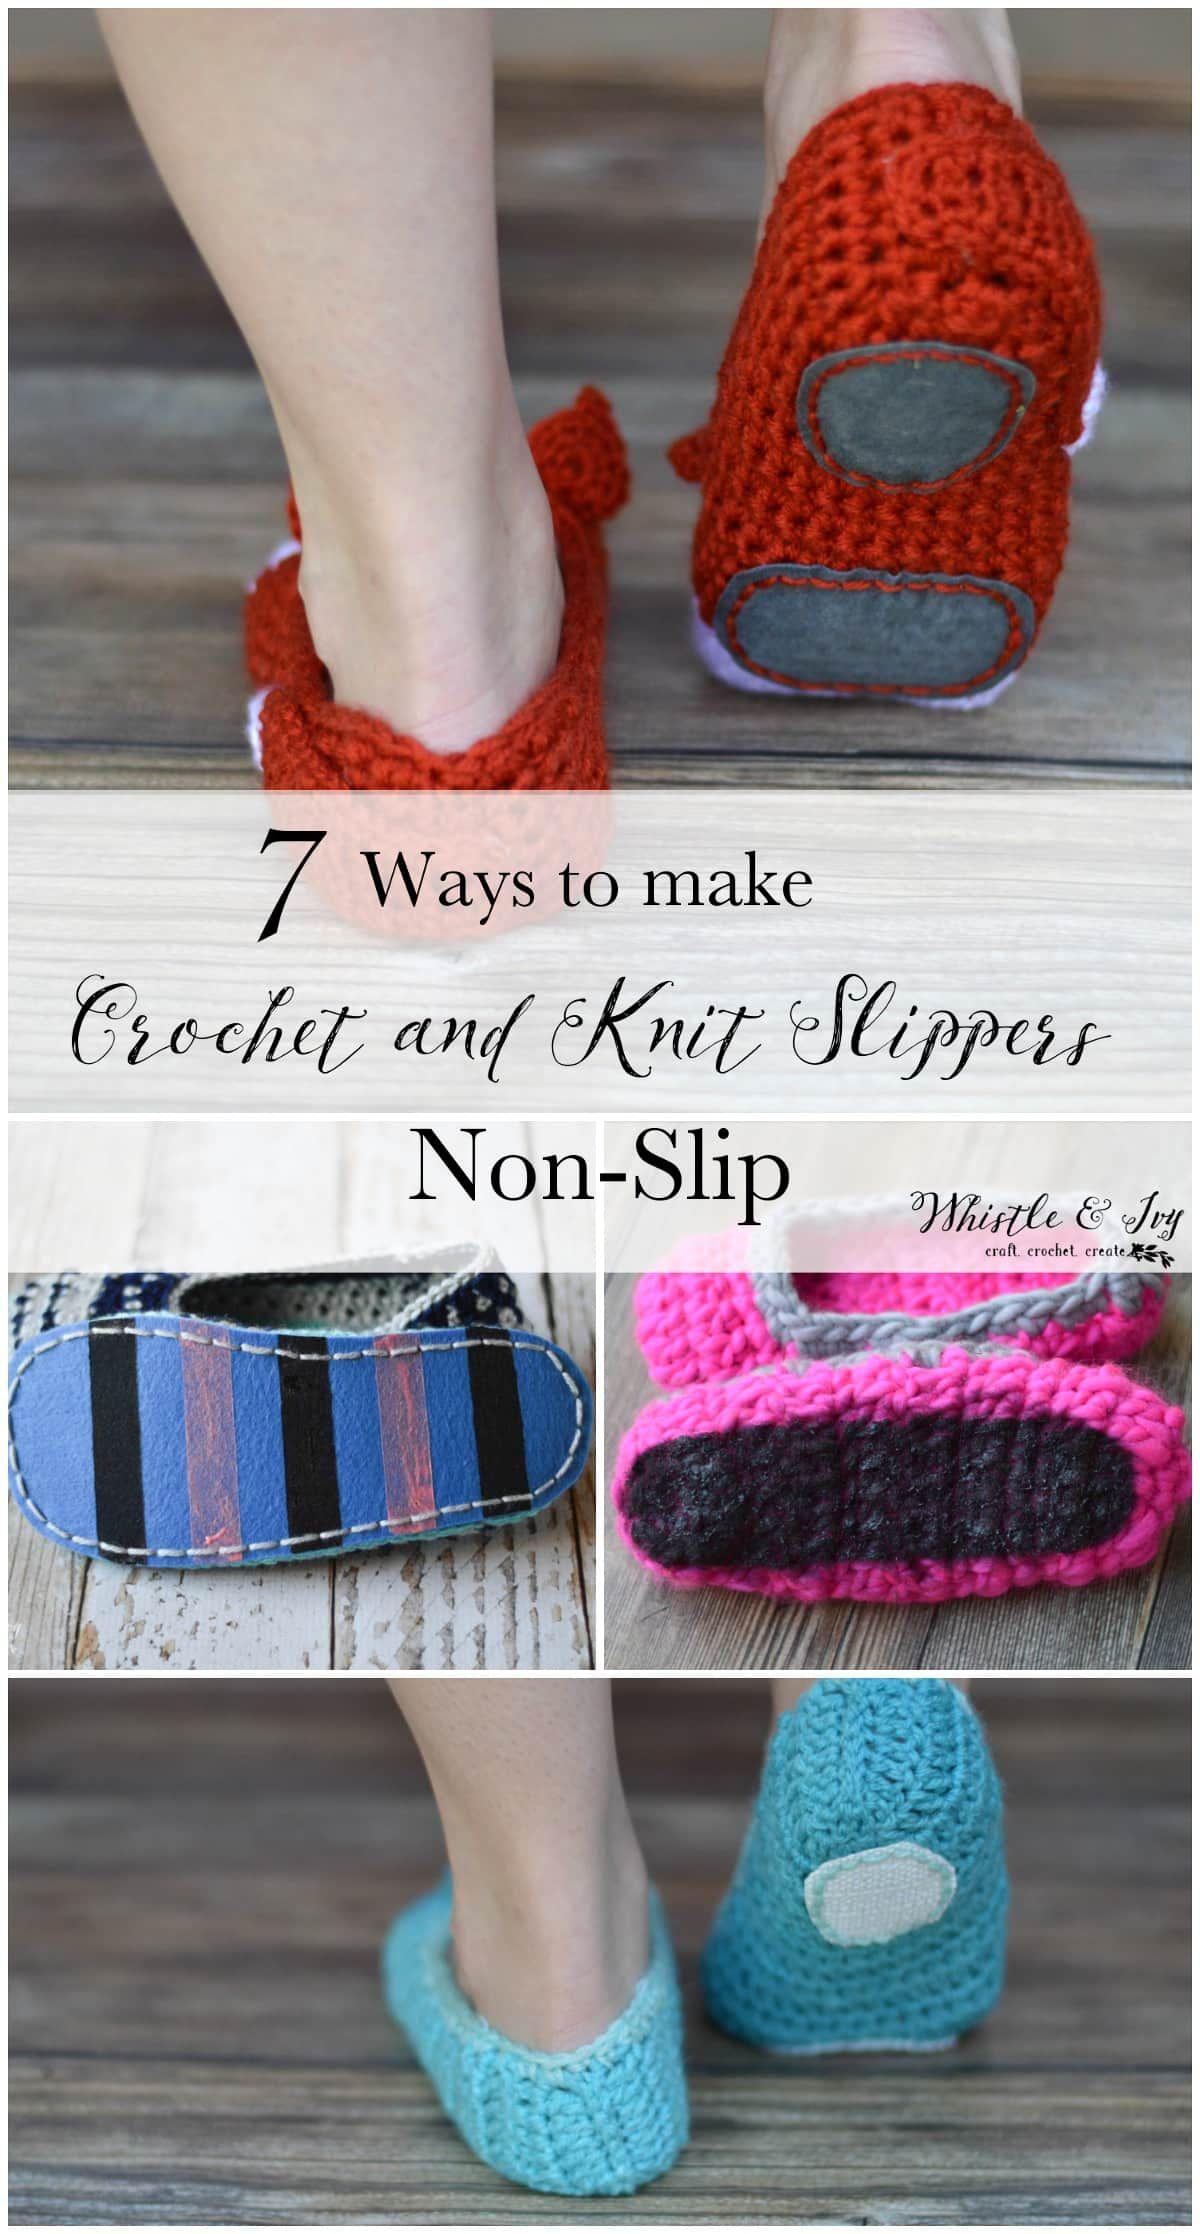 How to make crochet slippers nonslip 7 tested nonslip